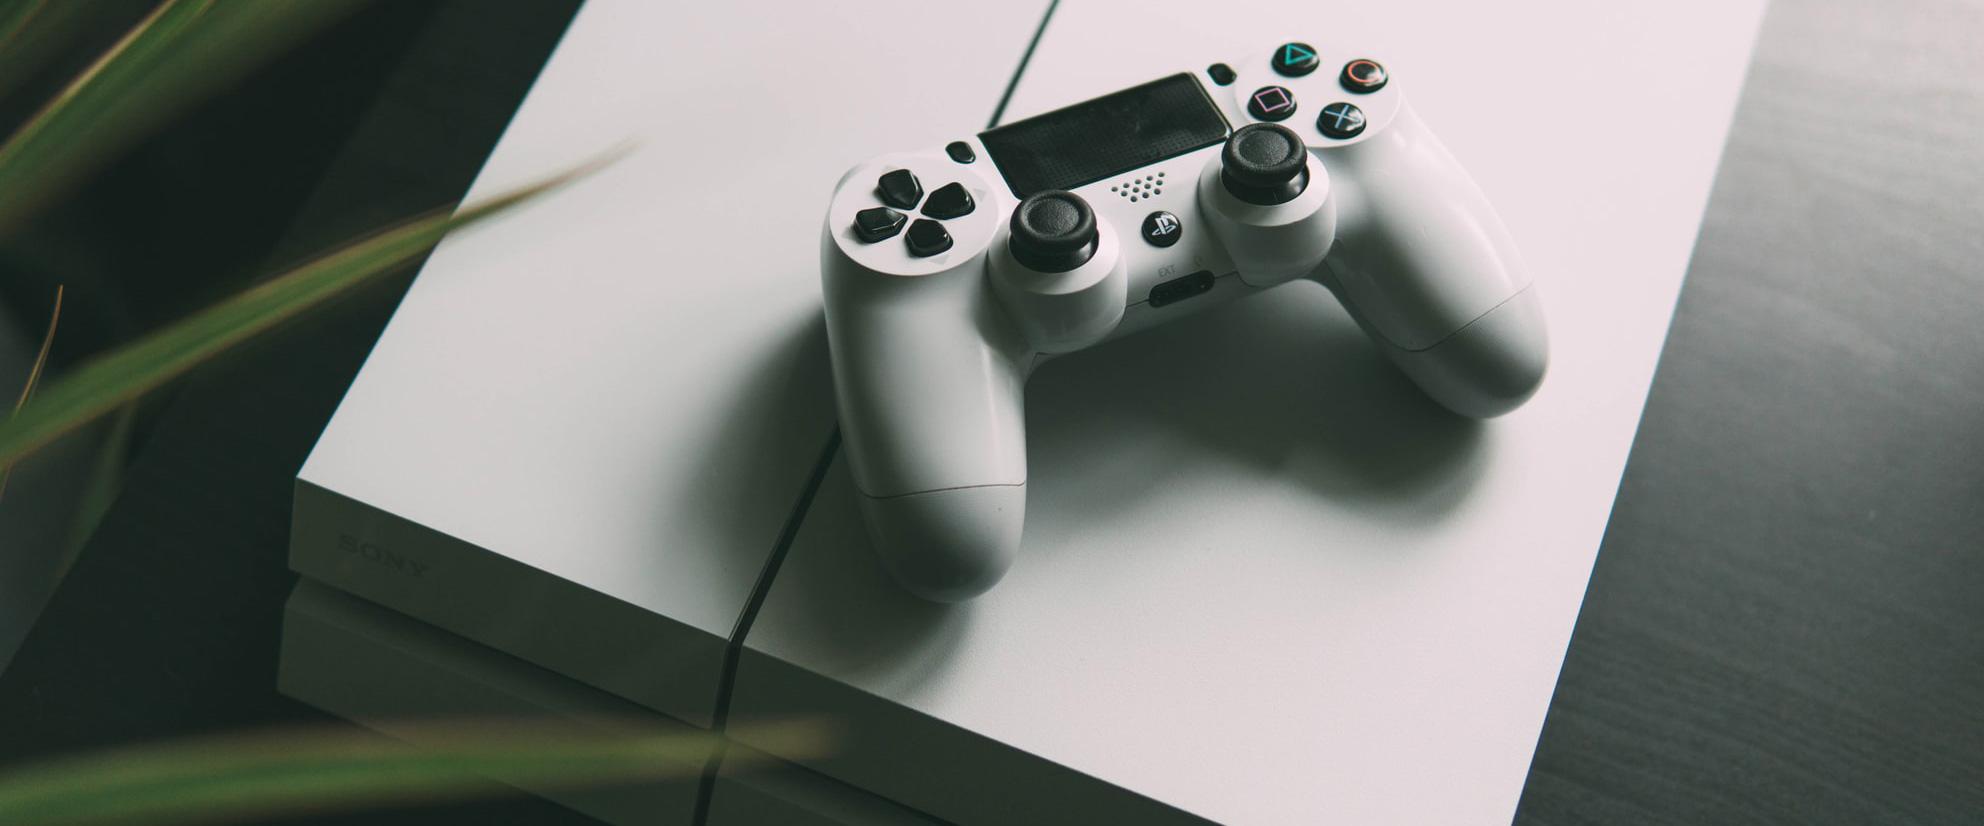 Abrir los puertos de PS4 Orange: pasos a seguir